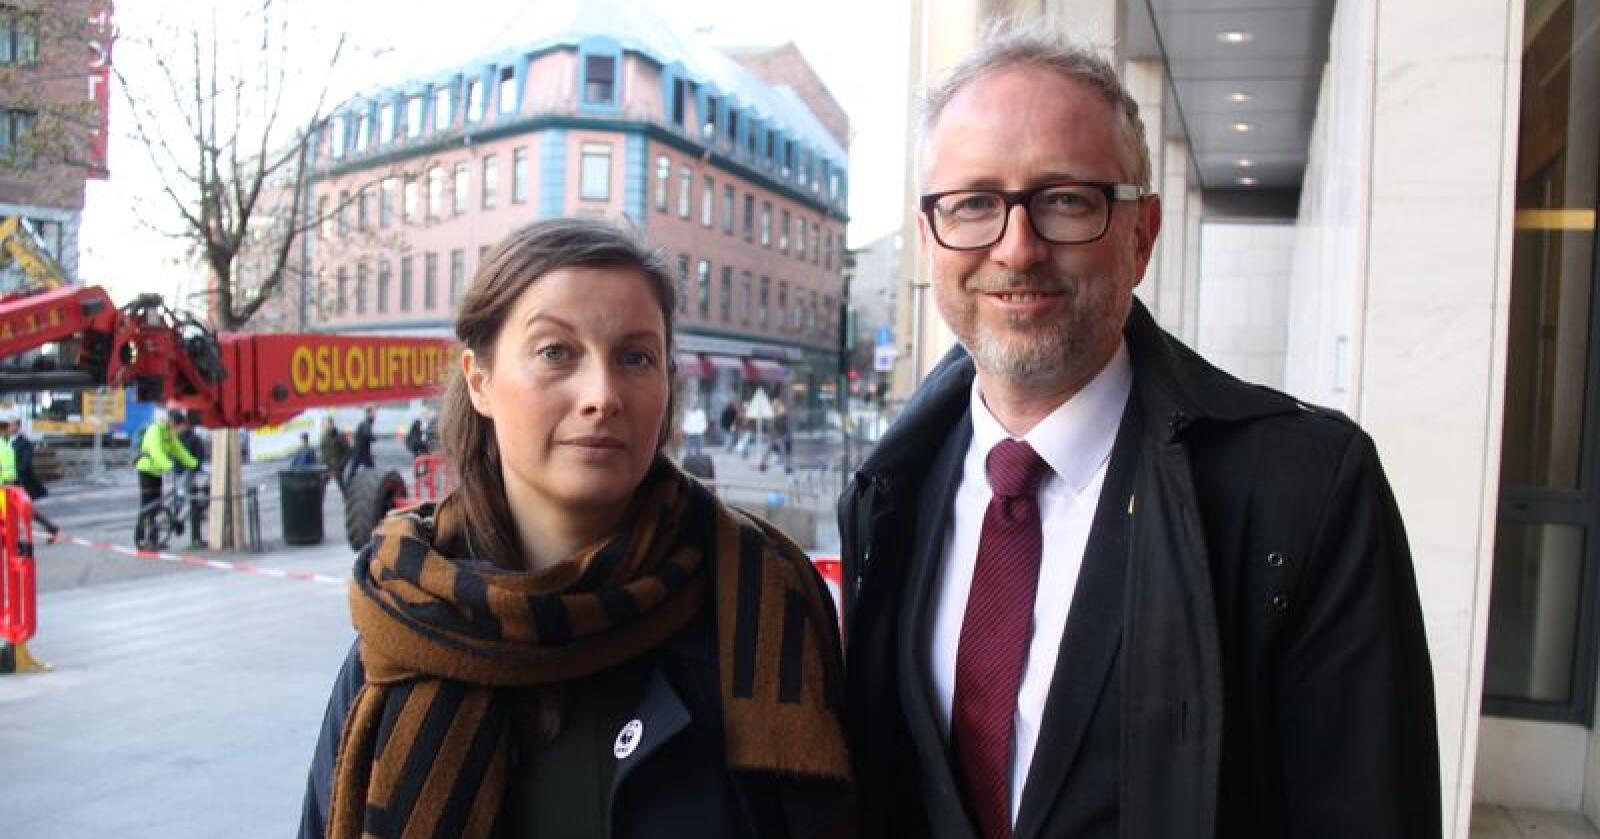 Ingrid Lomelde og Bård Vegar Solhjell på vei inn i Oslo tingrett i slutten av april, før første runde av ulveretssaken skulle begynne. Foto: Svein Egil Hatlevik